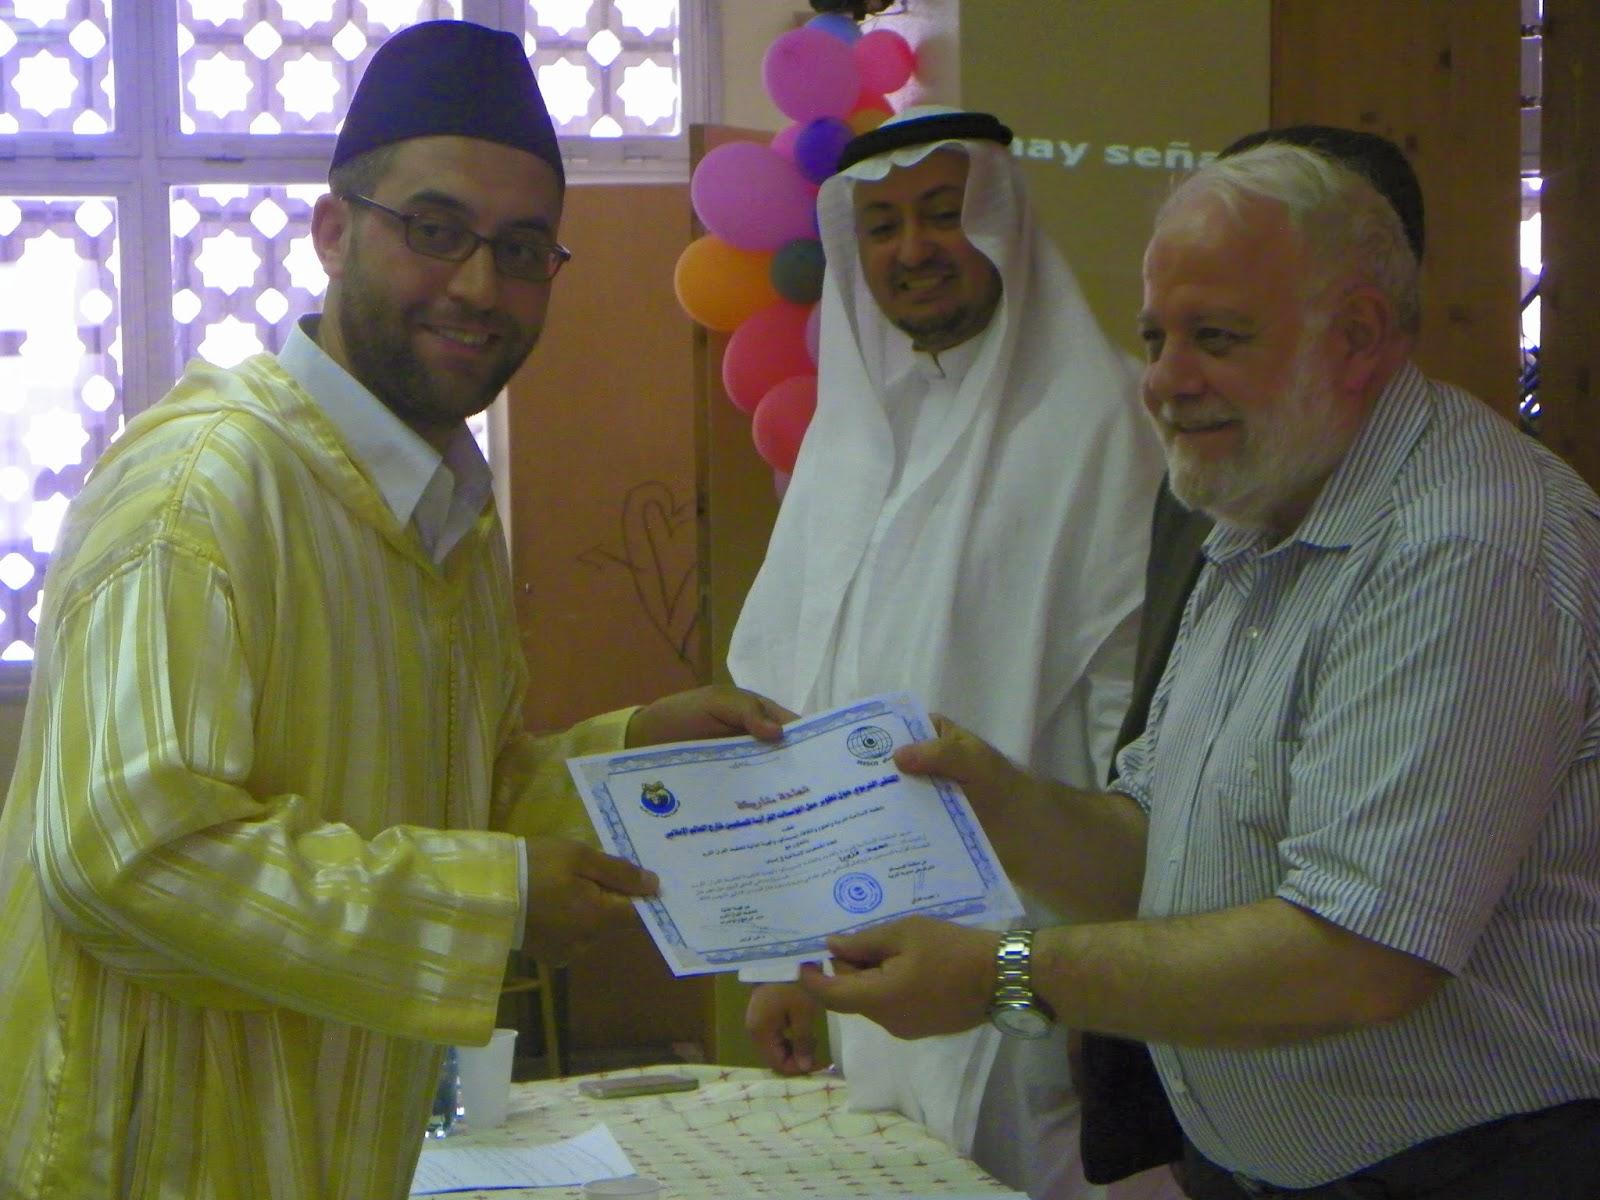 El cuarto y último día del 1er Encuentro educativo sobre las instituciones religiosas islámicas fuera de los países islámicos